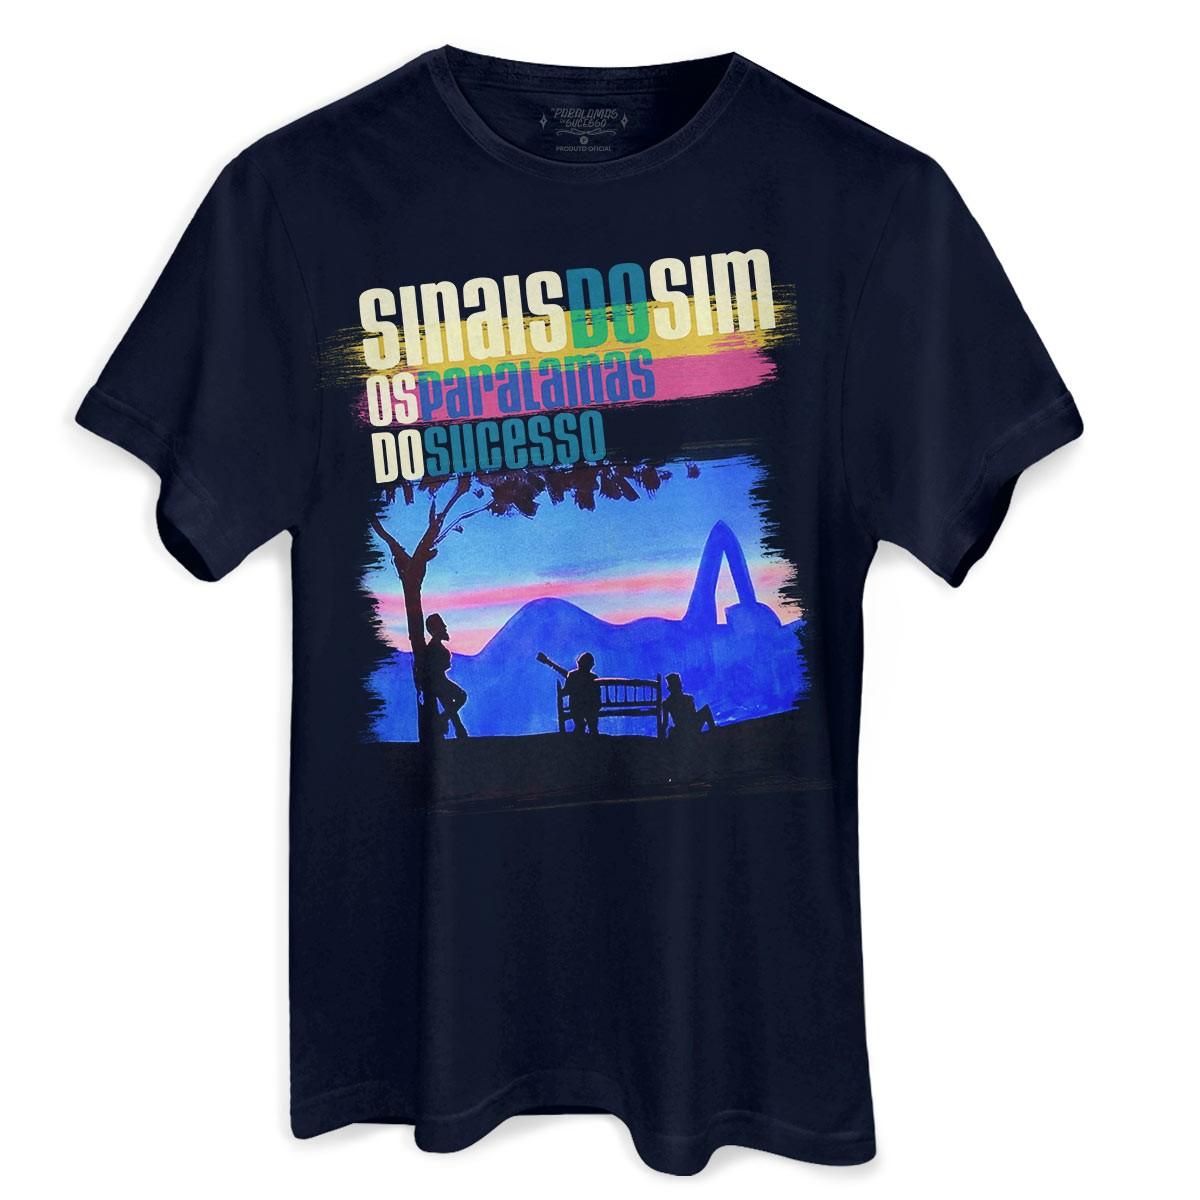 Camiseta Masculina Os Paralamas do Sucesso Sinais do Sim Foto Rio